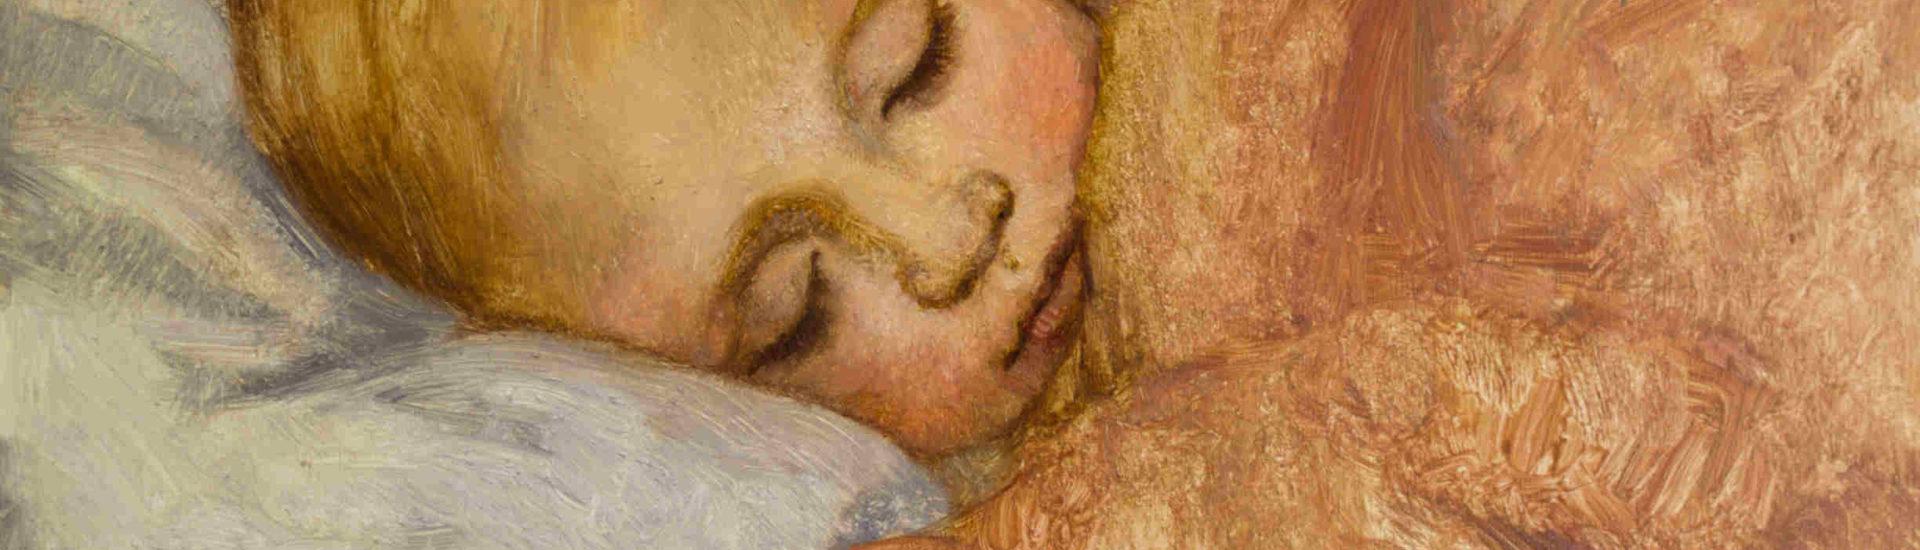 Ayla Asleep Oil on Panel 8x10